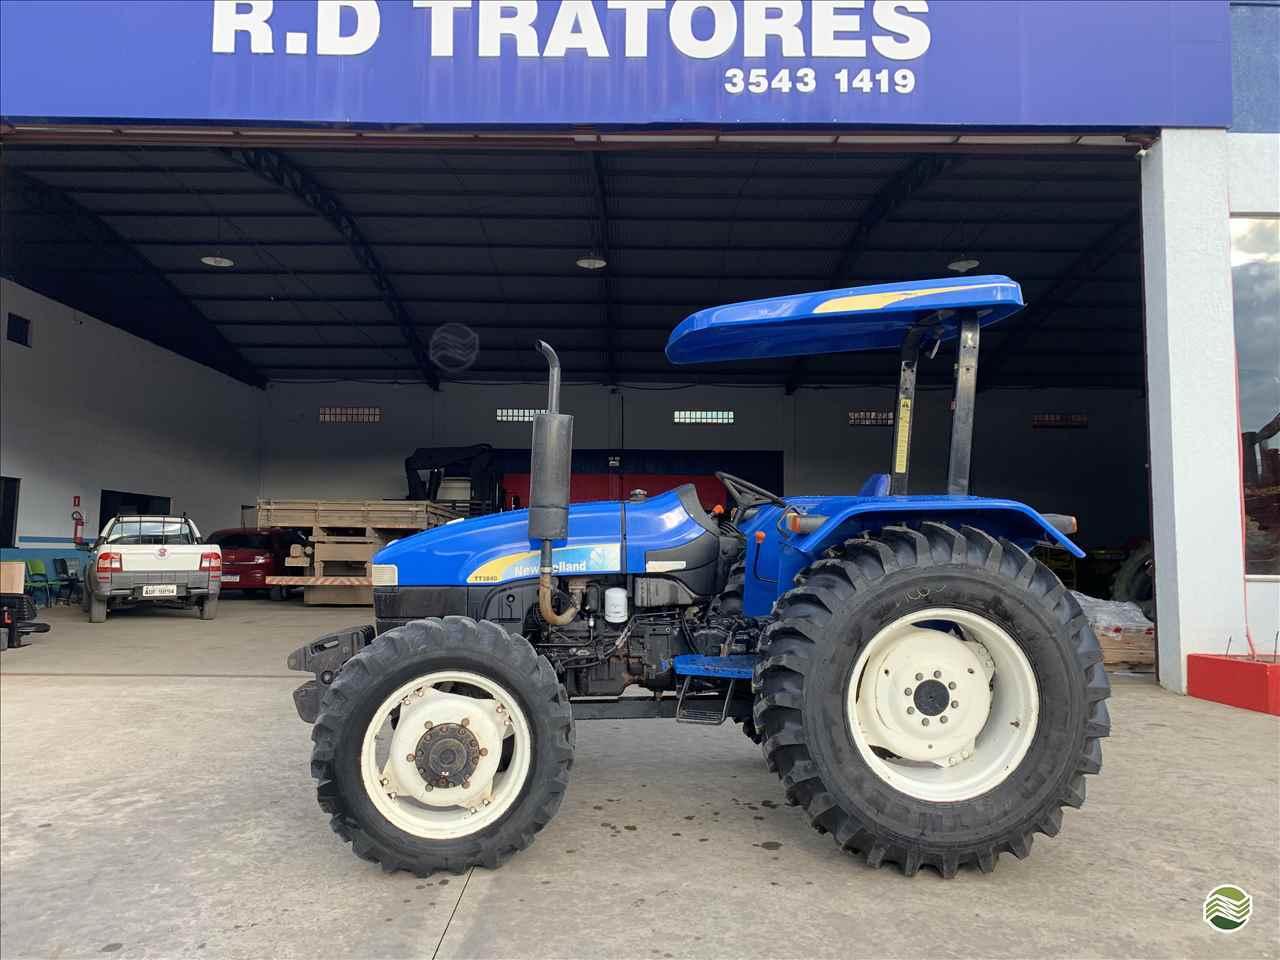 TRATOR NEW HOLLAND NEW TT 3840 Tração 4x4 RD Tratores PAULO FRONTIN PARANÁ PR